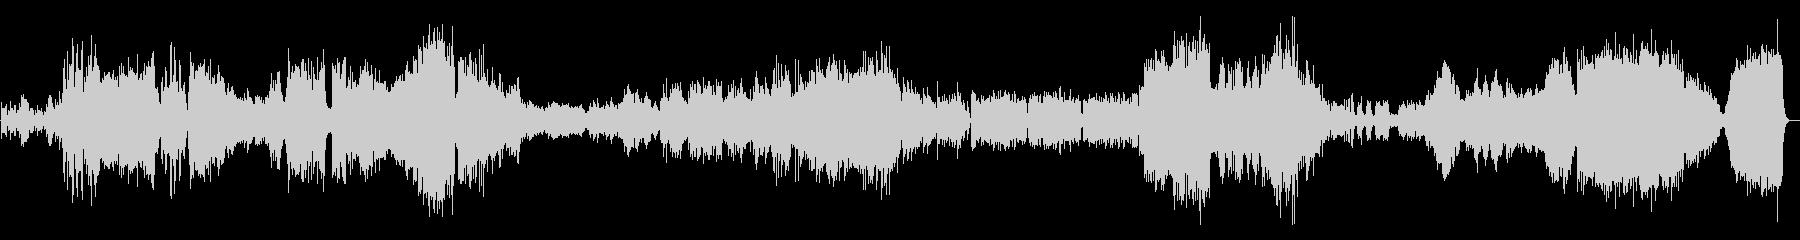 ラフマニノフピアノ協奏曲2番3楽章の未再生の波形